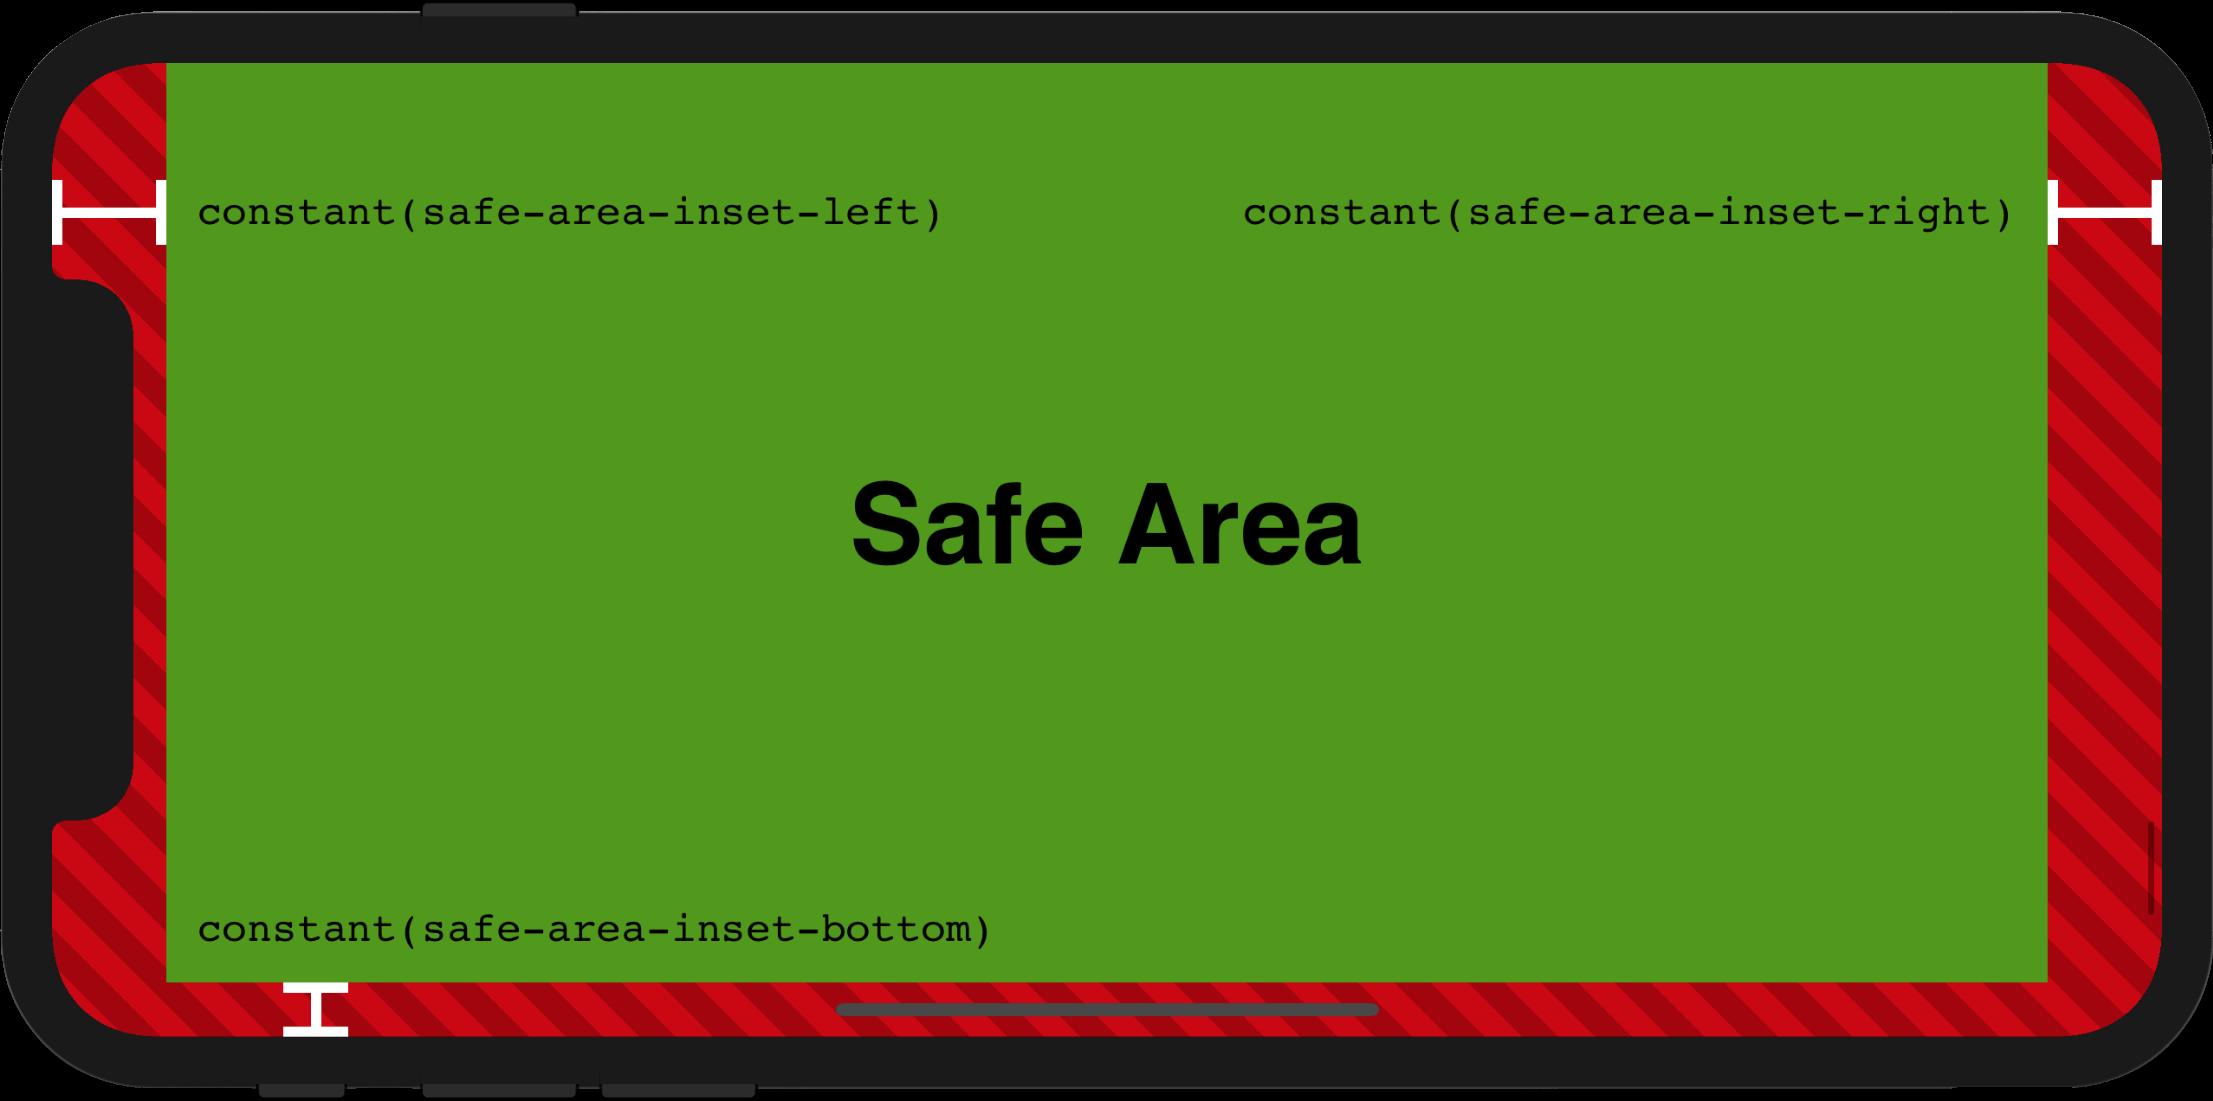 Безпечні та небезпечні області на iPhone X в ландшафтній орієнтації, з вказаними постійними вставками.